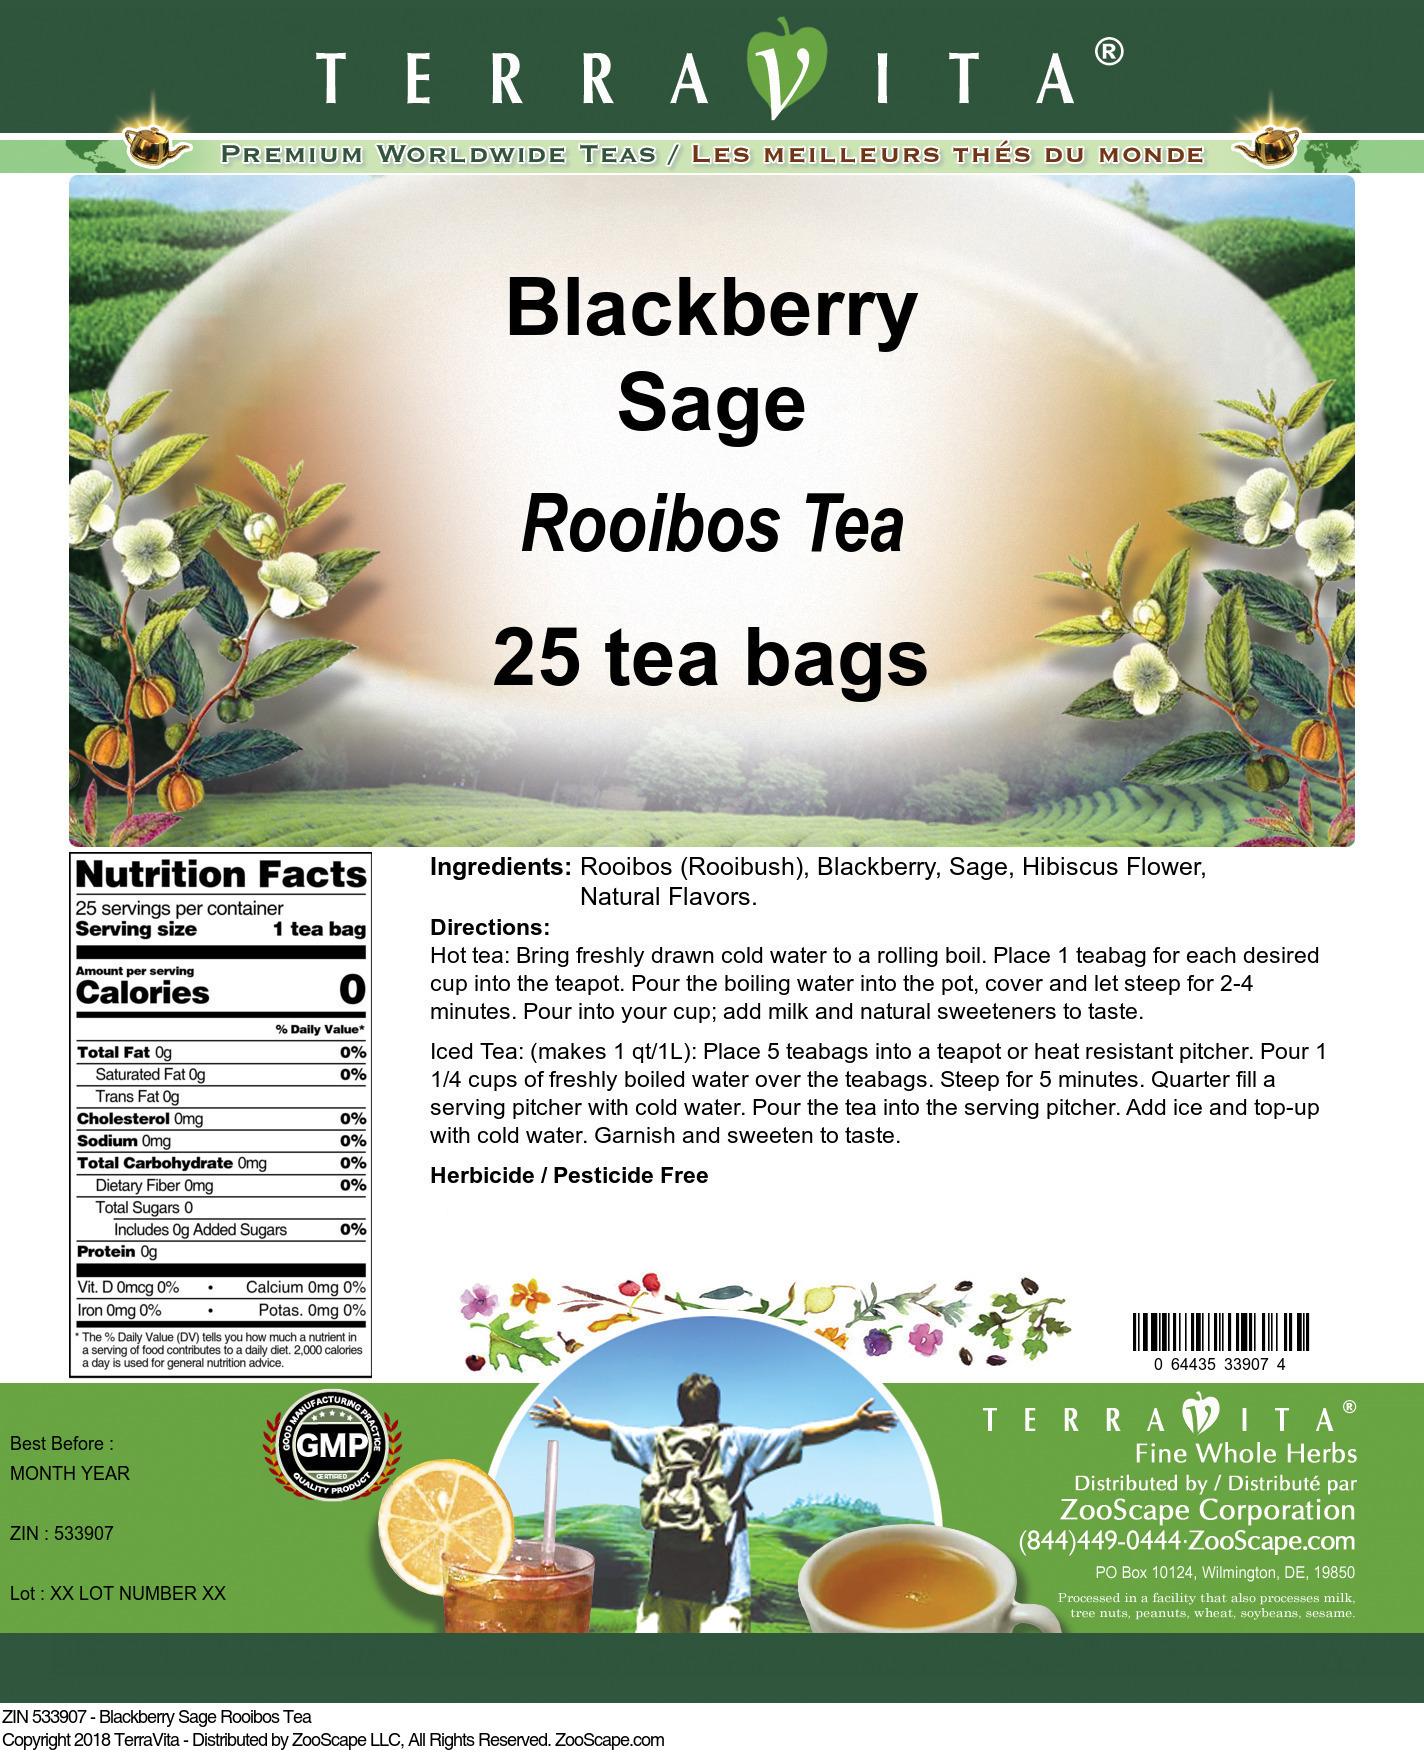 Blackberry Sage Rooibos Tea